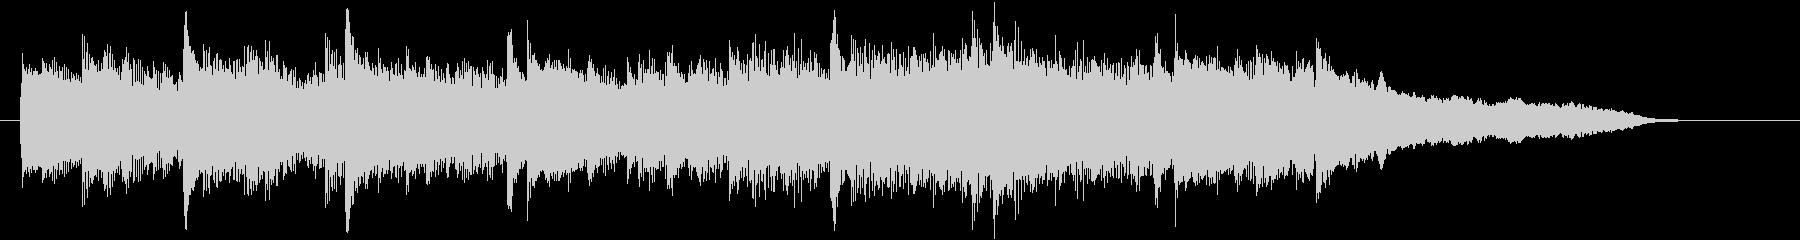 Guitar CM 3の未再生の波形